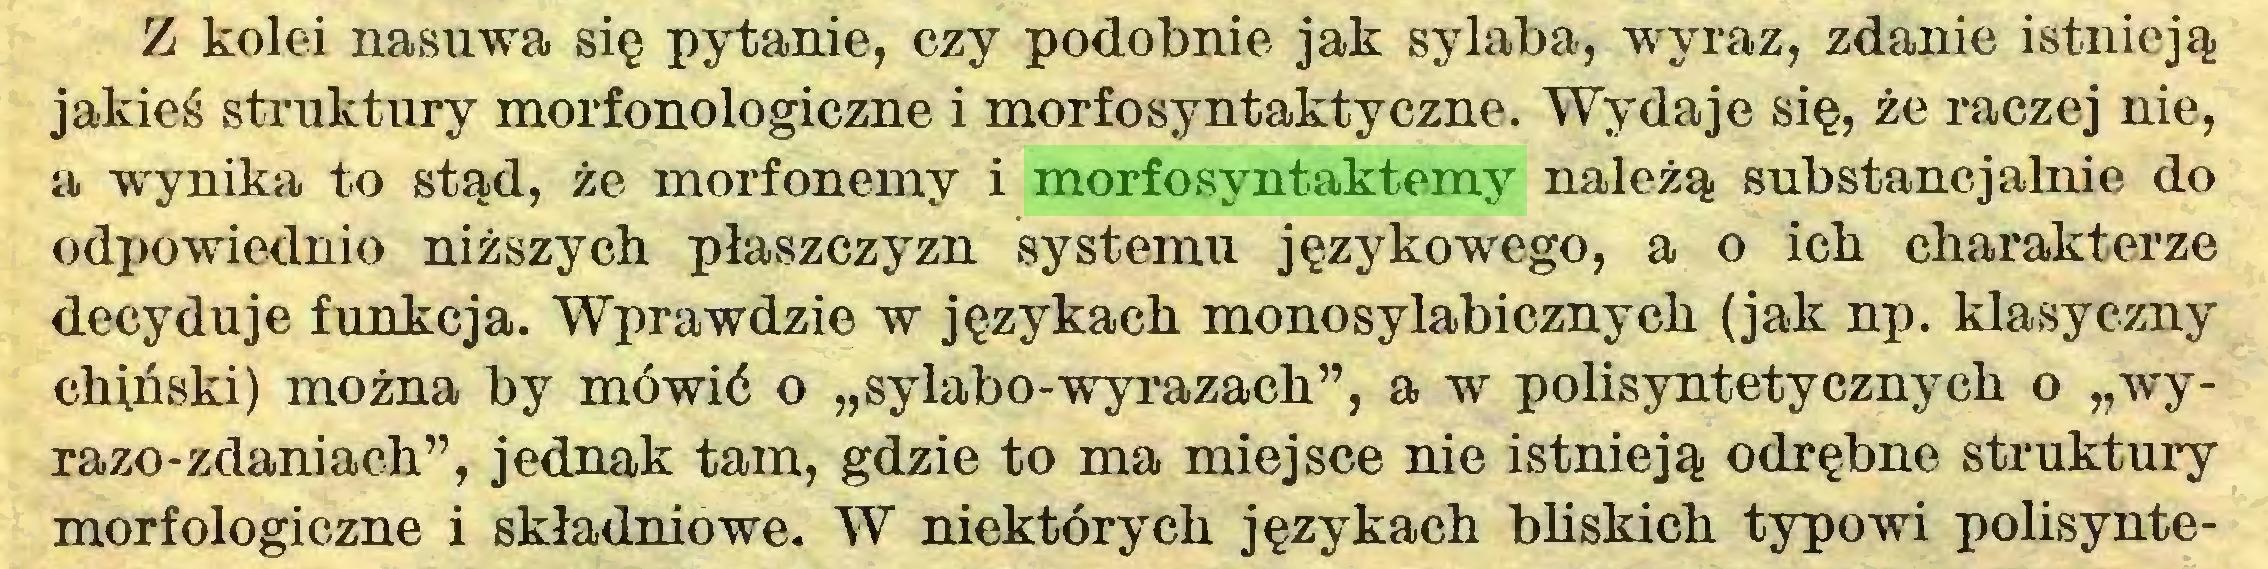 """(...) Z kolei nasuwa się pytanie, czy podobnie jak sylaba, wyraz, zdanie istnieją jakieś struktury morfonologiczne i morfosyntaktyczne. Wydaje się, że raczej nie, a wynika to stąd, że morfonemy i morfosyntaktemy należą substancjalnie do odpowiednio niższych płaszczyzn systemu językowego, a o ich charakterze decyduje funkcja. Wprawdzie w językach monosylabicznych (jak np. klasyczny chiński) można by mówić o """"sylabo-wyrazach"""", a w polisyntetycznych o """"wyrazo-zdaniach"""", jednak tam, gdzie to ma miejsce nie istnieją odrębne struktury morfologiczne i składniowe. W niektórych językach bliskich typowi polisynte..."""